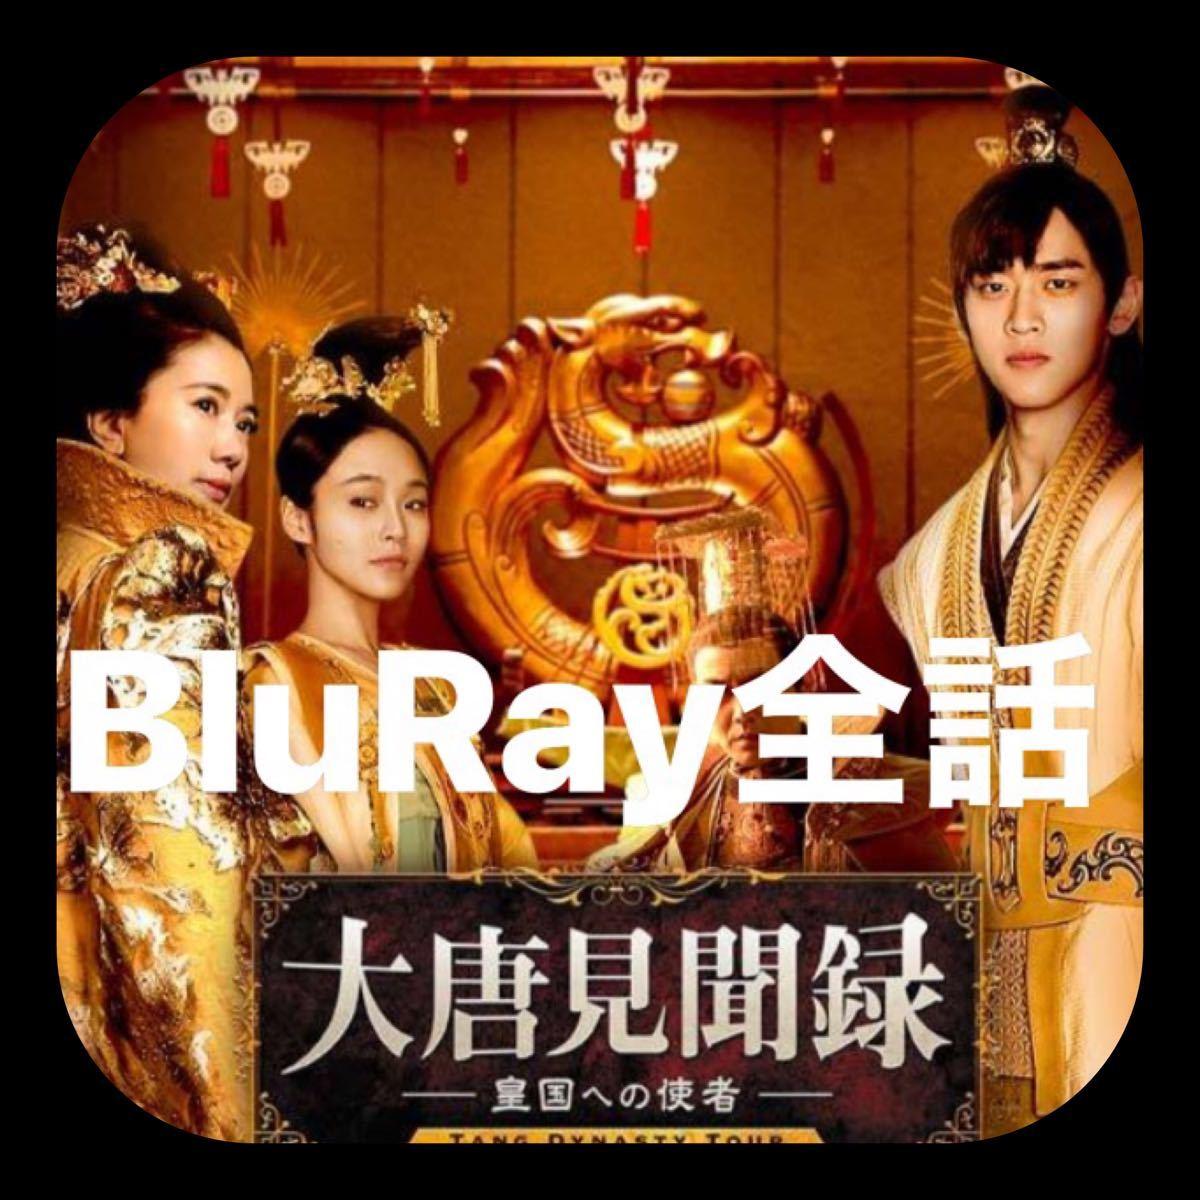 中国ドラマ 大唐見聞録 BluRay全話